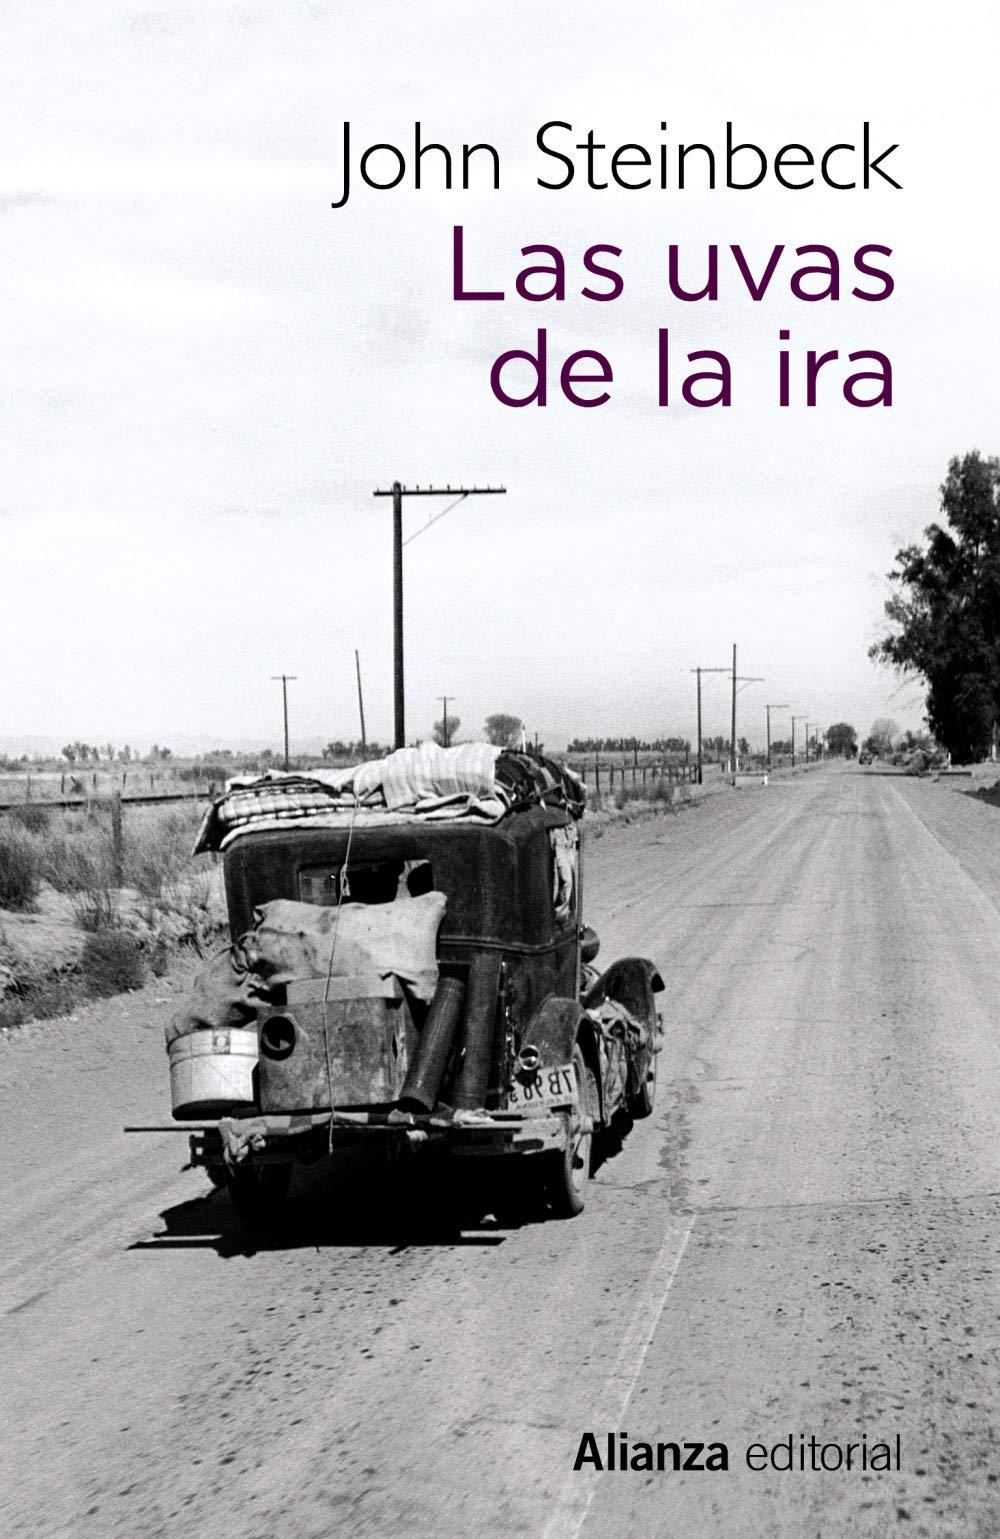 Las uvas de la ira (13/20) por John Steinbeck